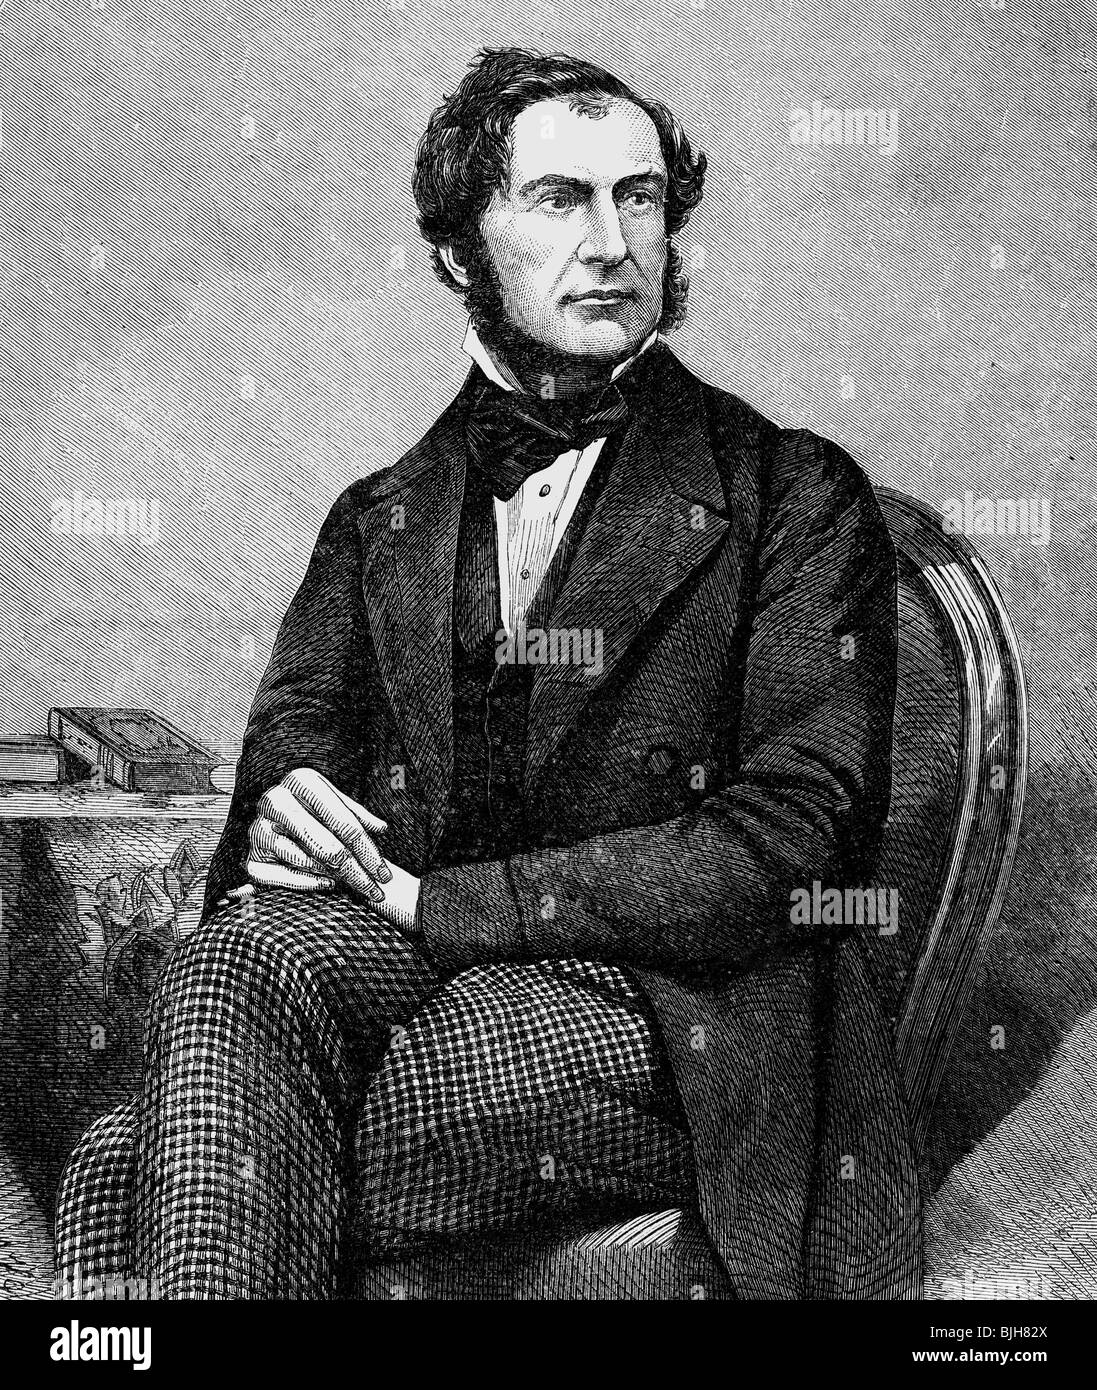 Gladstone, William Eward, 29.12.1809 - 19.5.1898, British politician (Lib.), Chancellor of the Exchequer 18.6.1859 - Stock Image